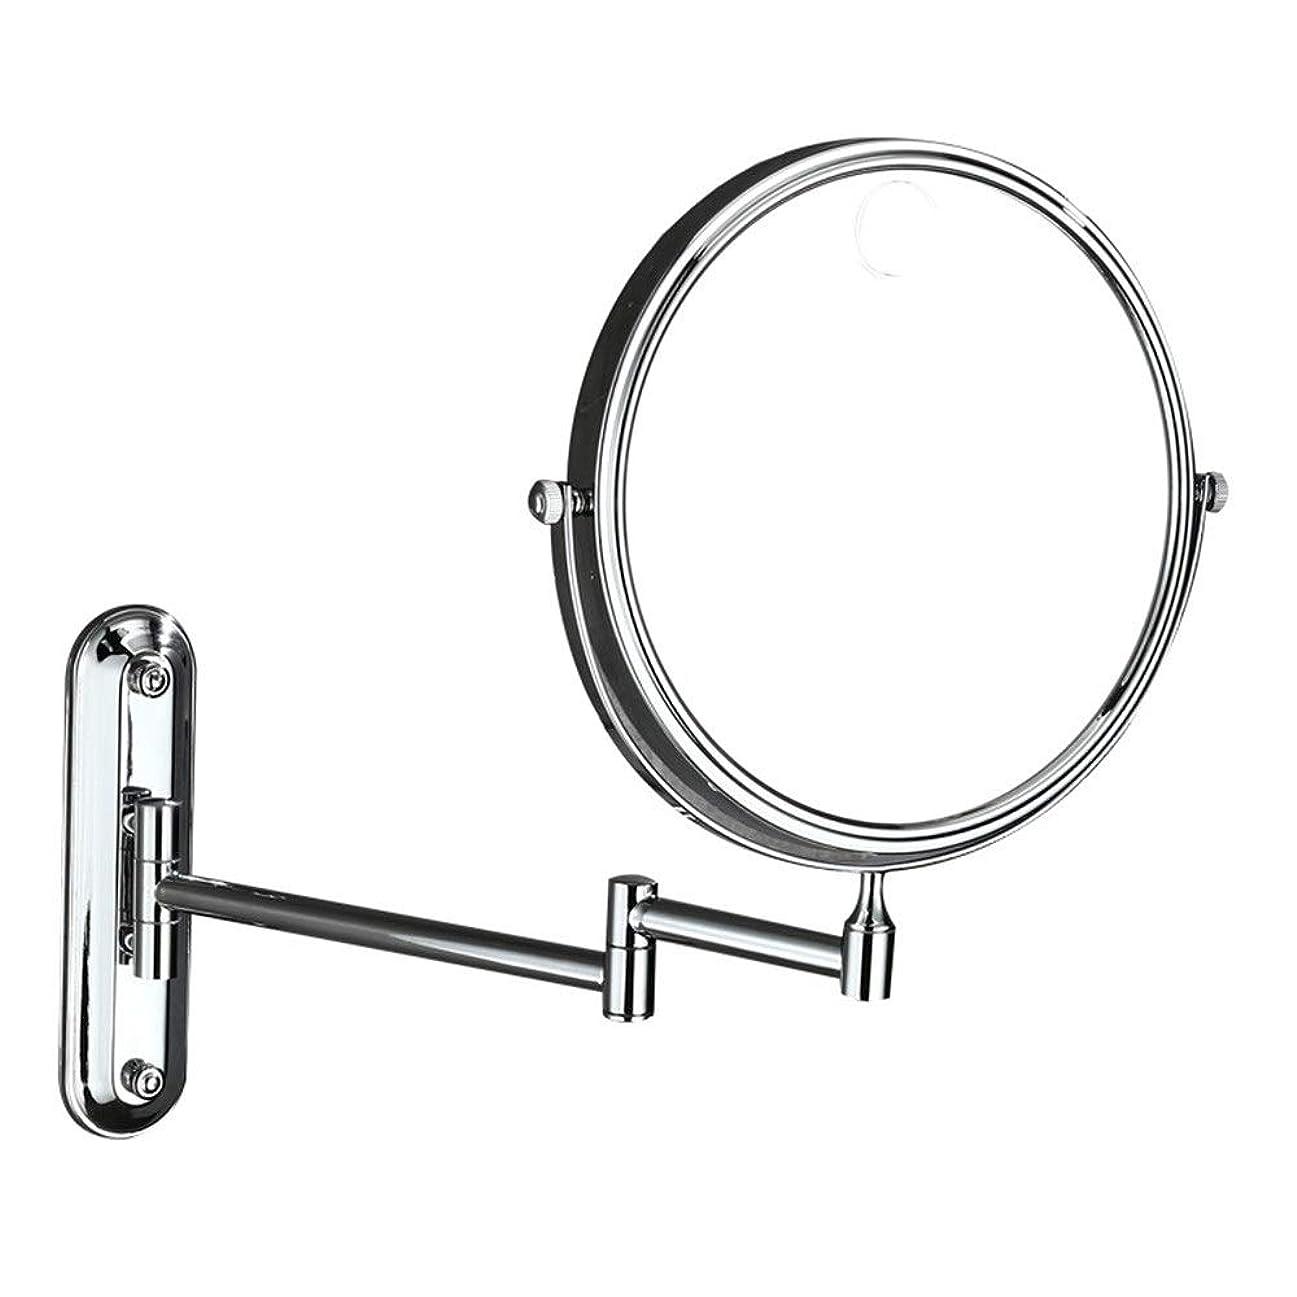 朝伝導伝統的充電式 化粧鏡 8インチ両面スイベル拡張可能な洗面化粧台ミラーヴィンテージベッドルームシェービング用ミラー3倍拡大鏡ウォールは、折りたたみ美容化粧鏡をマウント 寒暖色調節可能 化粧鏡 (色 : 銀, サイズ : ワンサイズ)